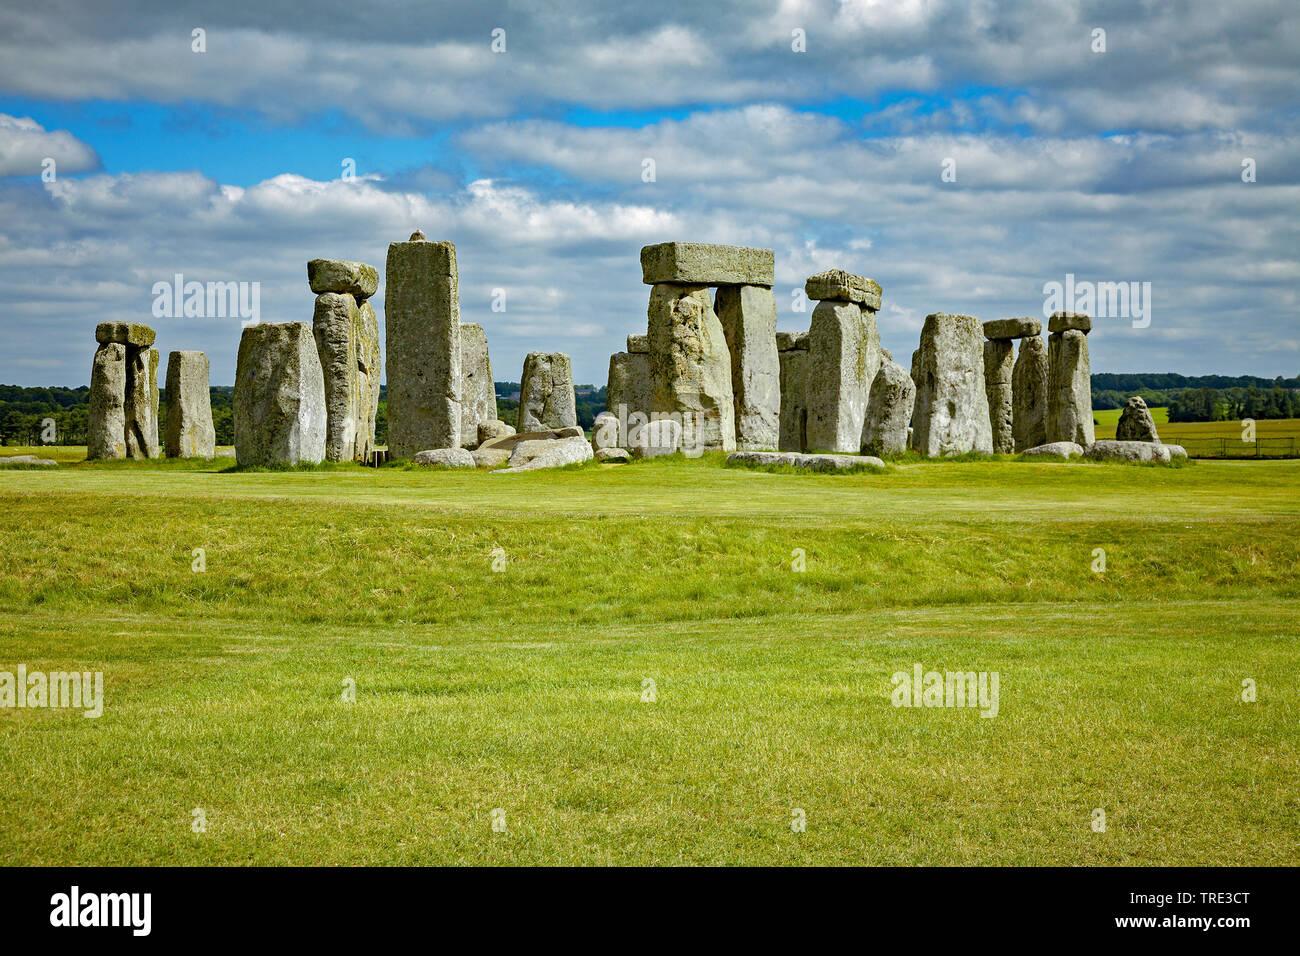 Stonehenge in England, United Kingdom, England Stock Photo